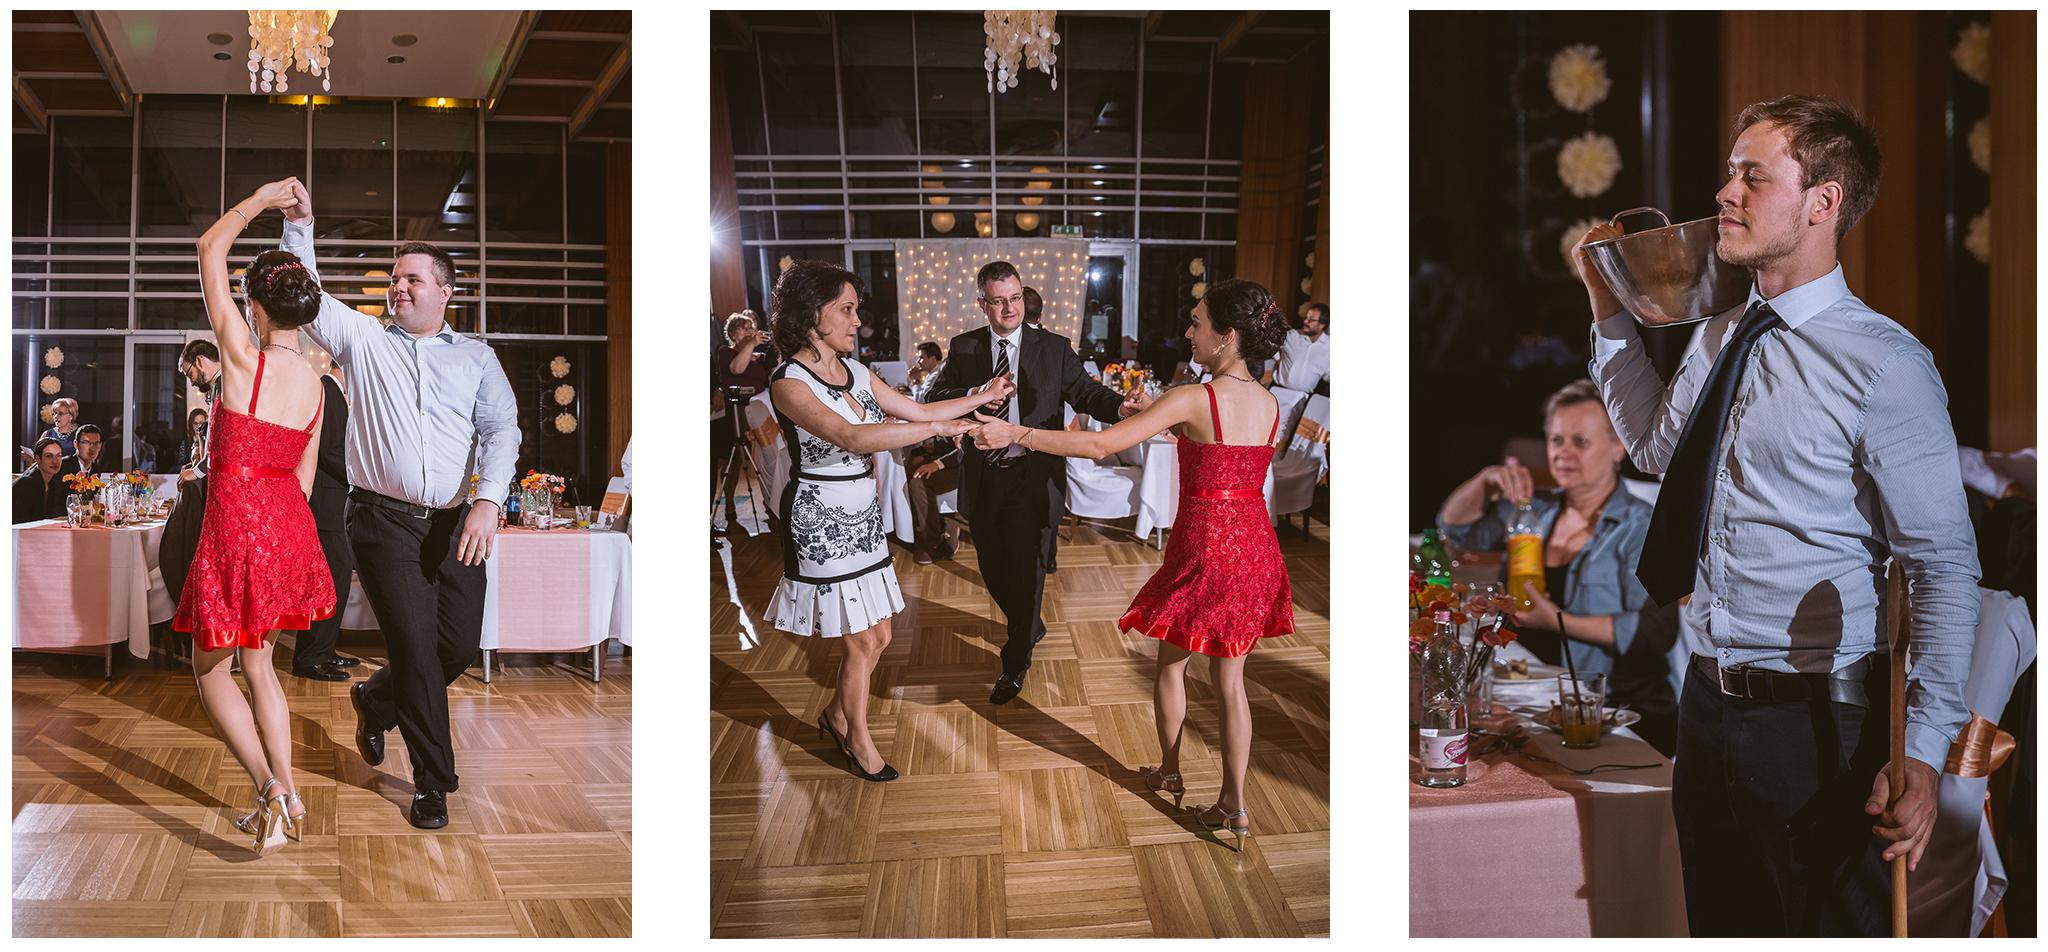 FylepPhoto, esküvőfotós, esküvői fotós Körmend, Szombathely, esküvőfotózás, magyarország, vas megye, prémium, jegyesfotózás, Fülöp Péter, körmend, kreatív, fotográfus_052.jpg